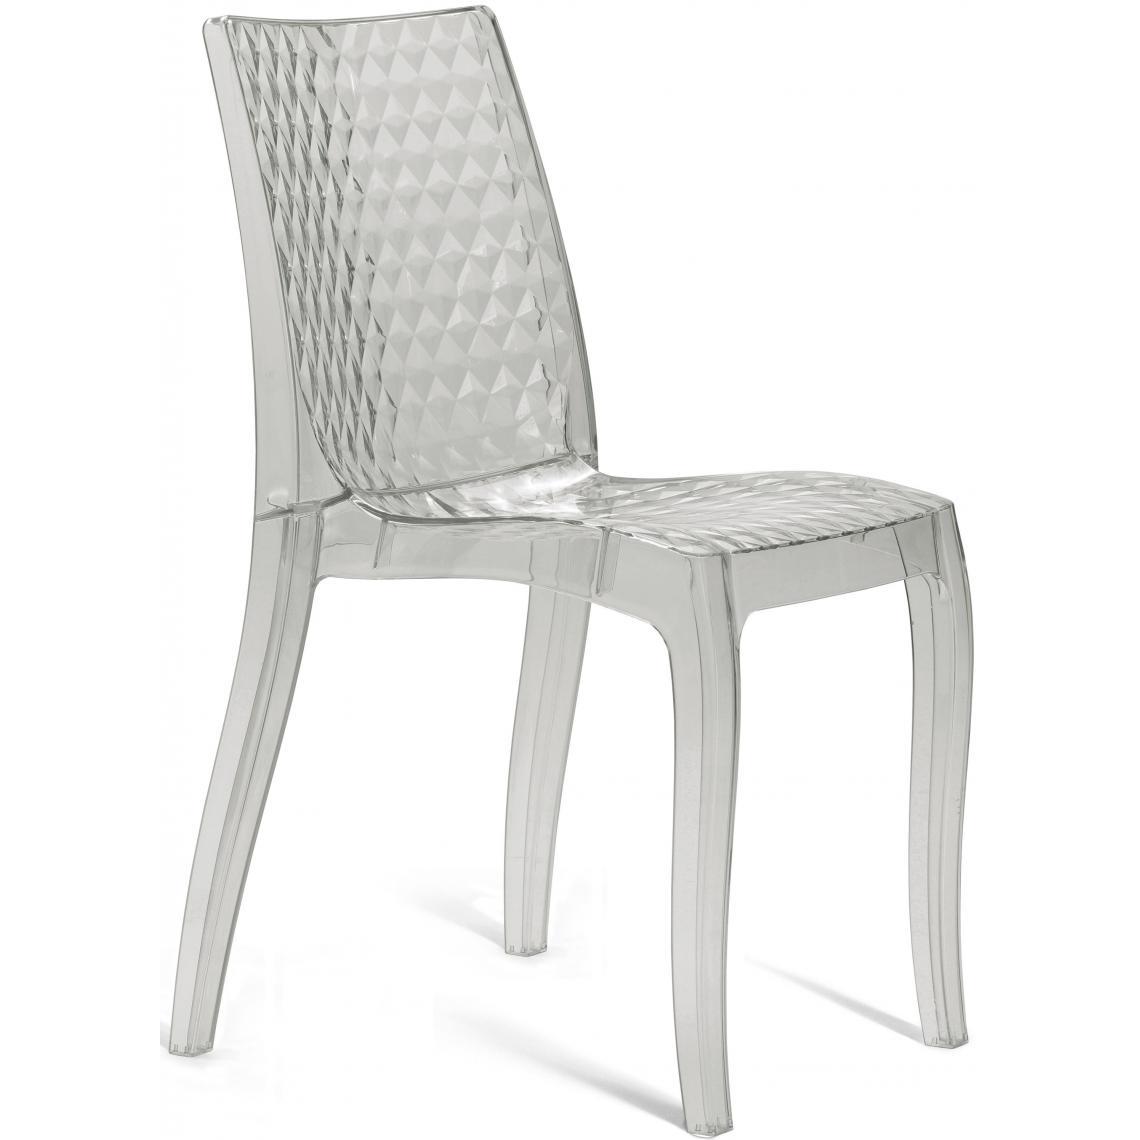 chaise design transparente delphes 3 suisses. Black Bedroom Furniture Sets. Home Design Ideas